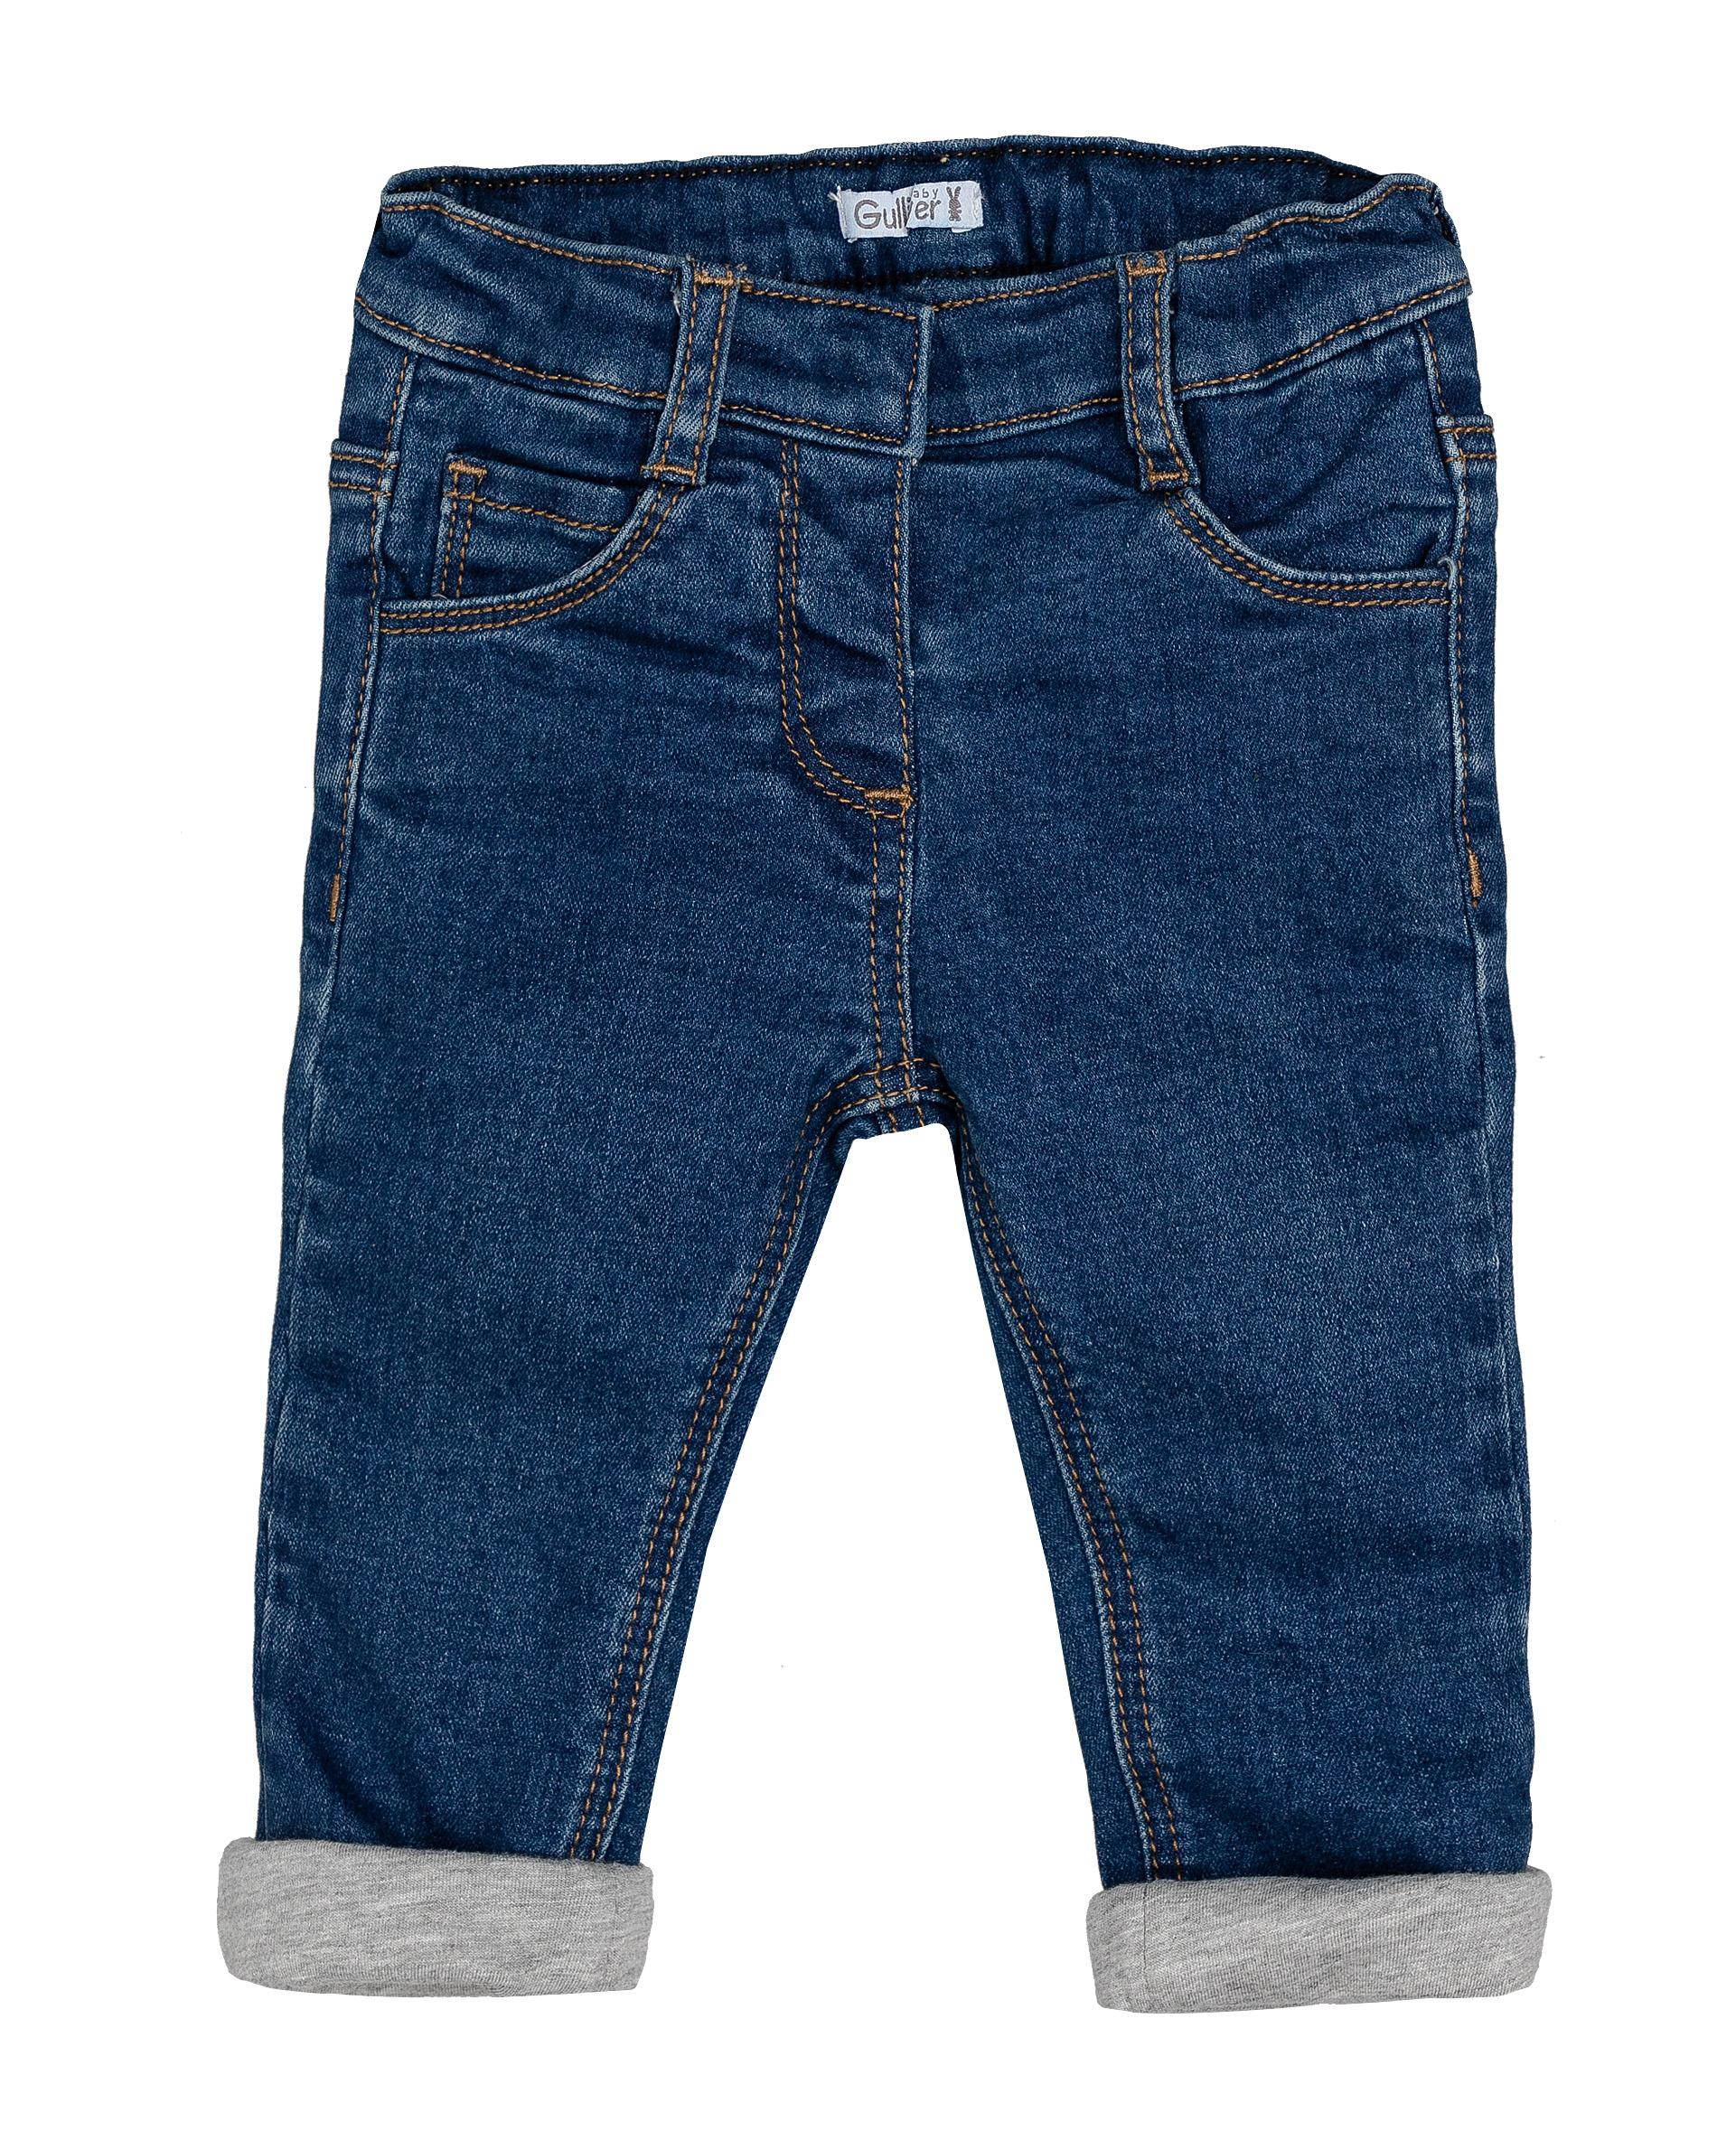 Утепленные джинсы для девочек Gulliver, цв. синий, р.74